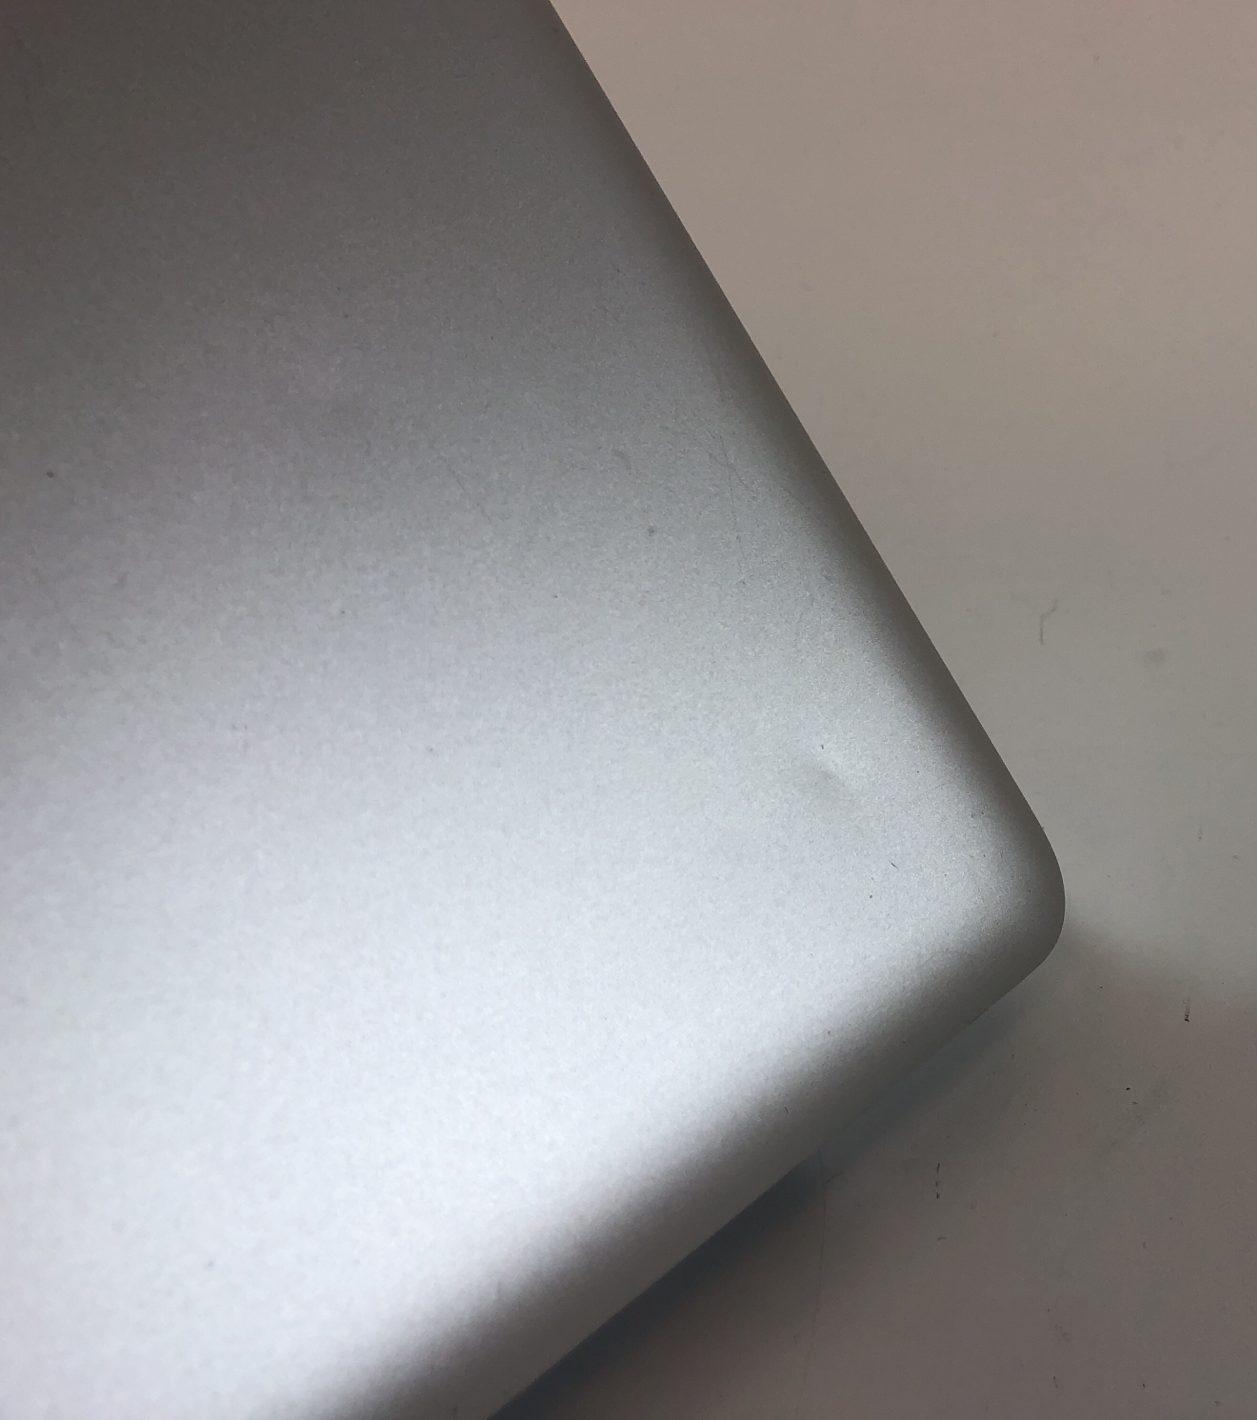 """MacBook Pro 13"""" Mid 2012 (Intel Core i7 2.9 GHz 8 GB RAM 750 GB HDD), Intel Core i7 2.9 GHz, 8 GB RAM, 750 GB HDD, imagen 3"""